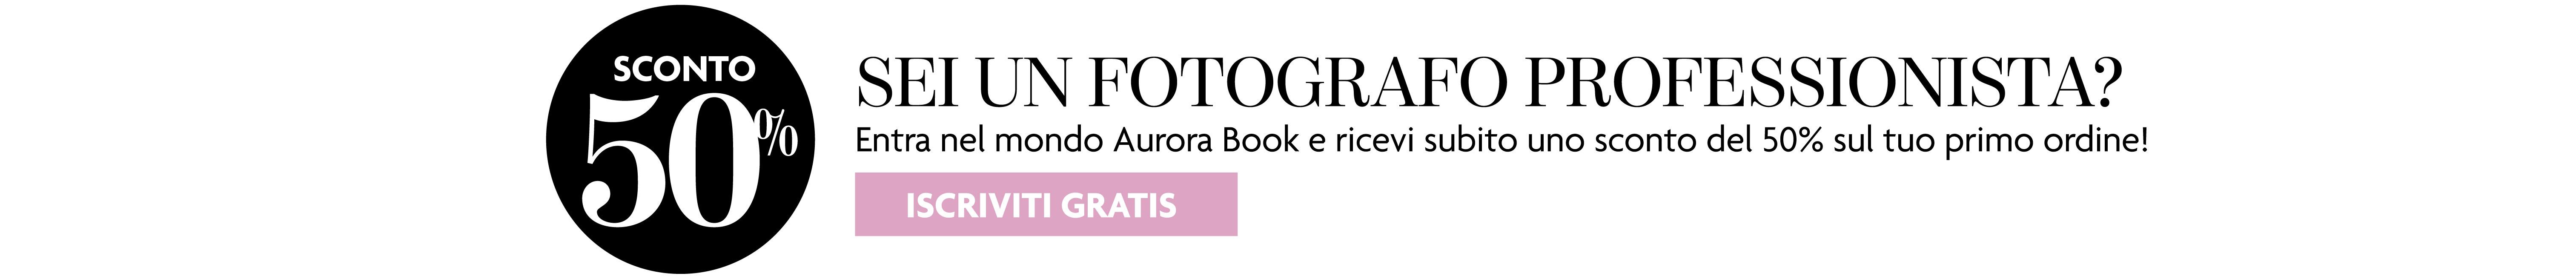 Sei un fotografo professionista? Registrati e avrai uno sconto